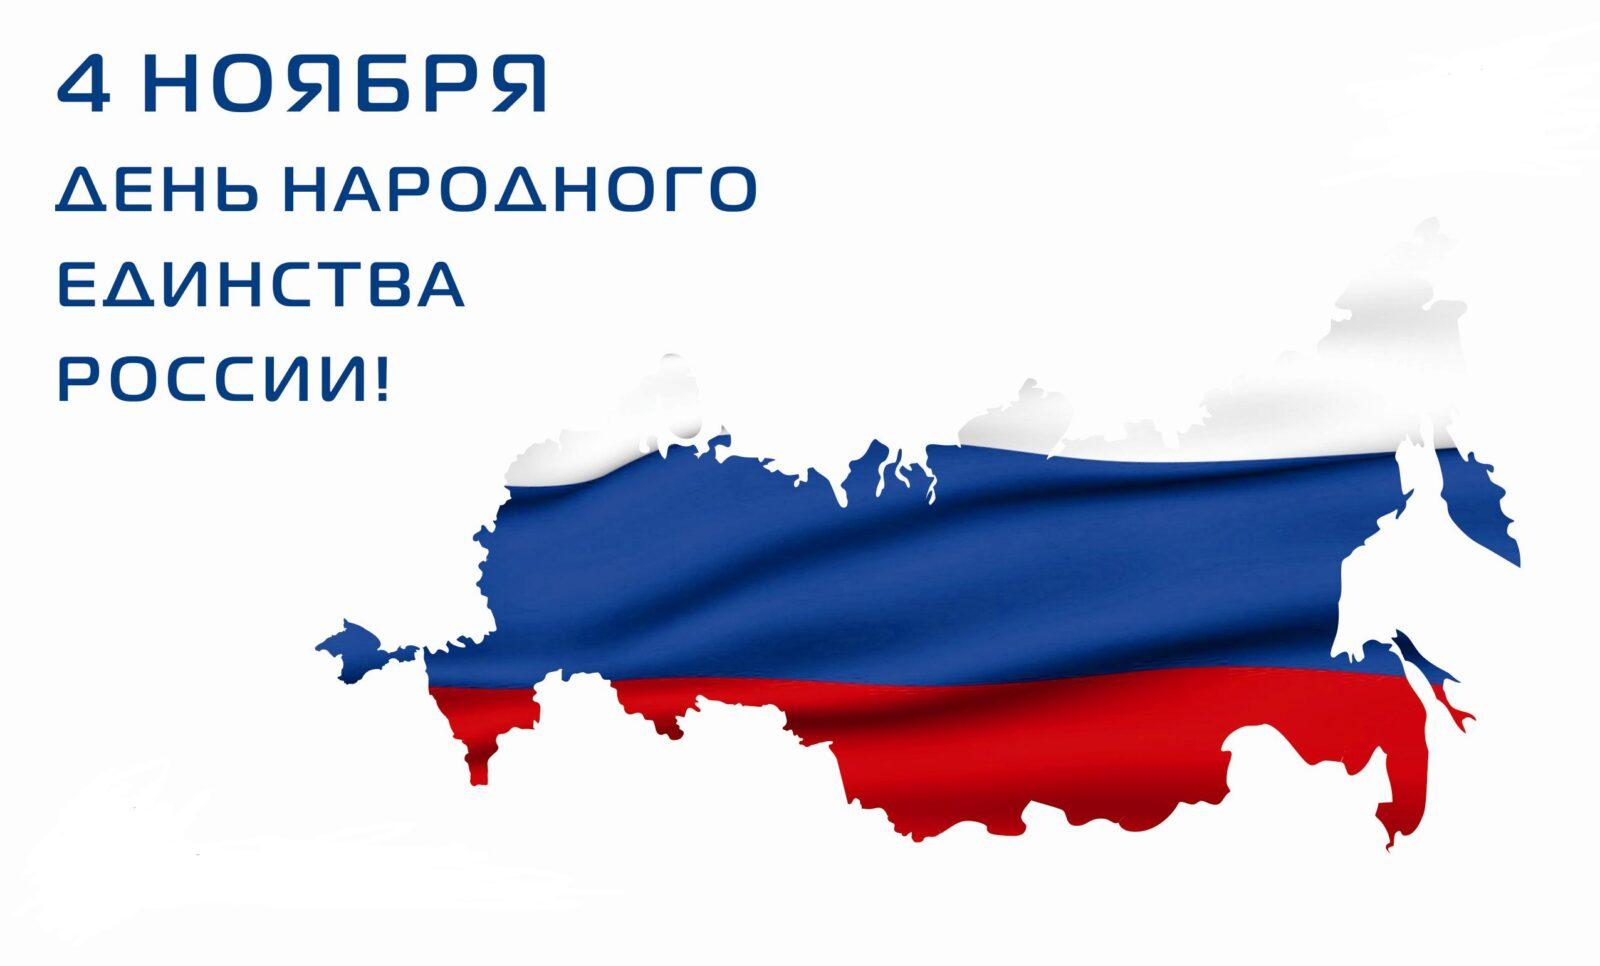 Тверская область отпразднует День народного единства